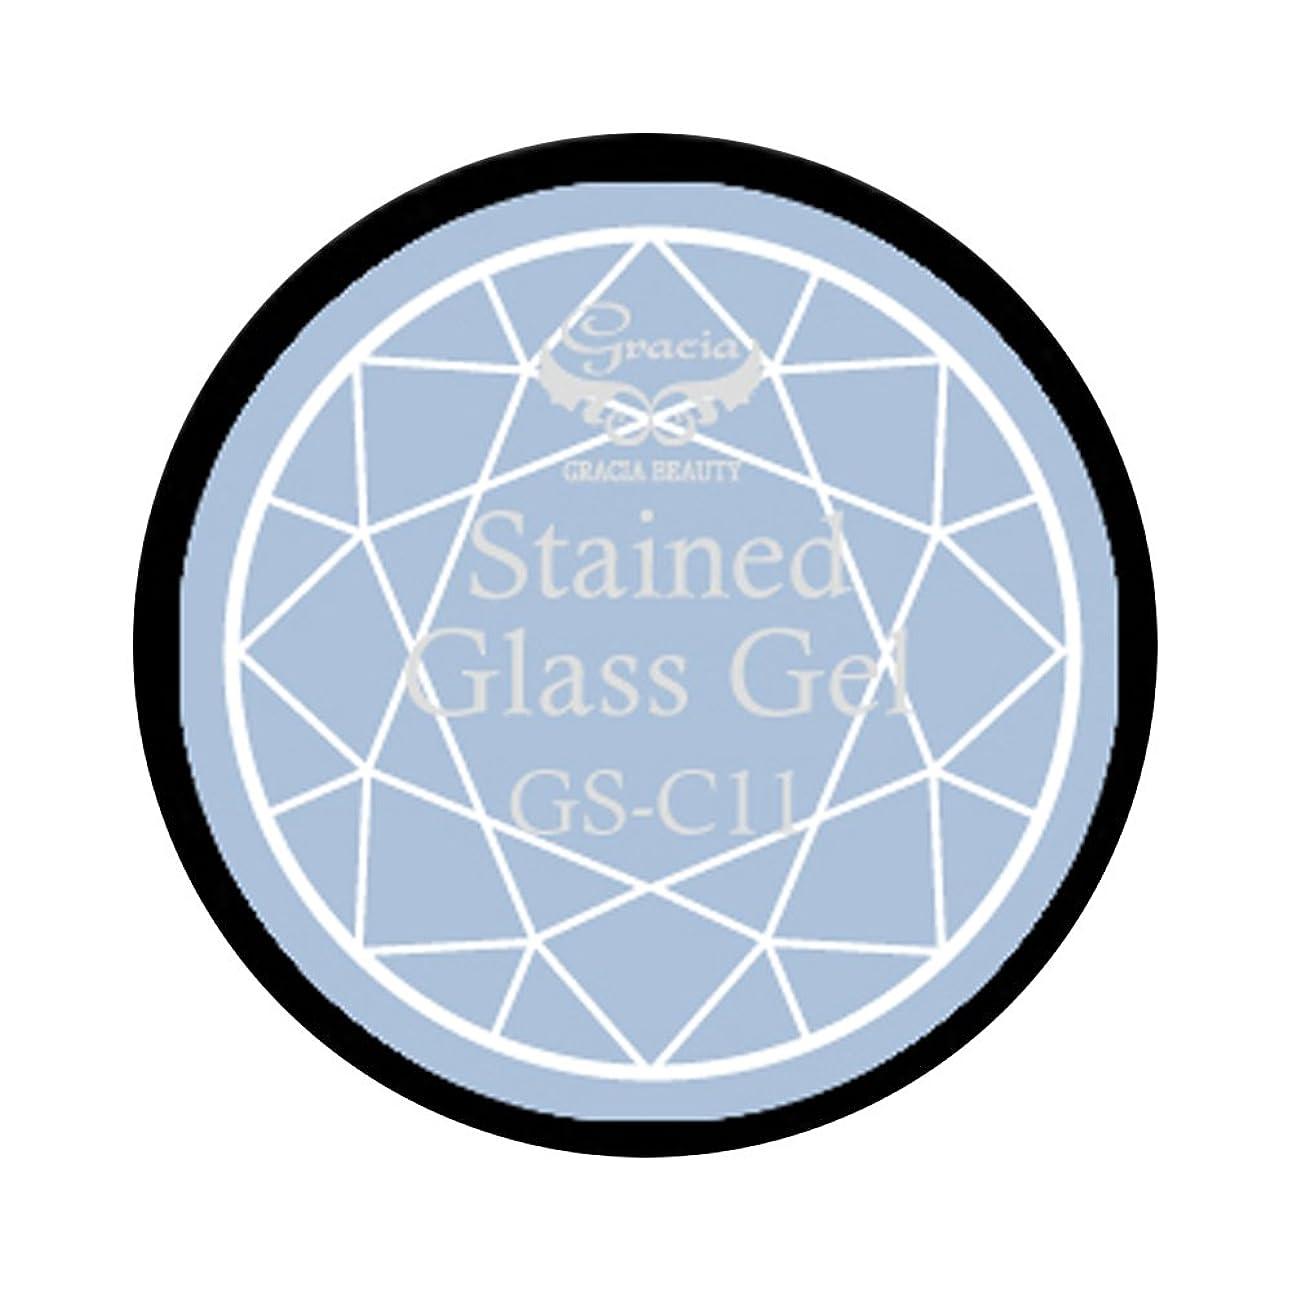 殺人オートメーションシェルターグラシア ジェルネイル ステンドグラスジェル GSM-C11 3g  クリア UV/LED対応 カラージェル ソークオフジェル ガラスのような透明感